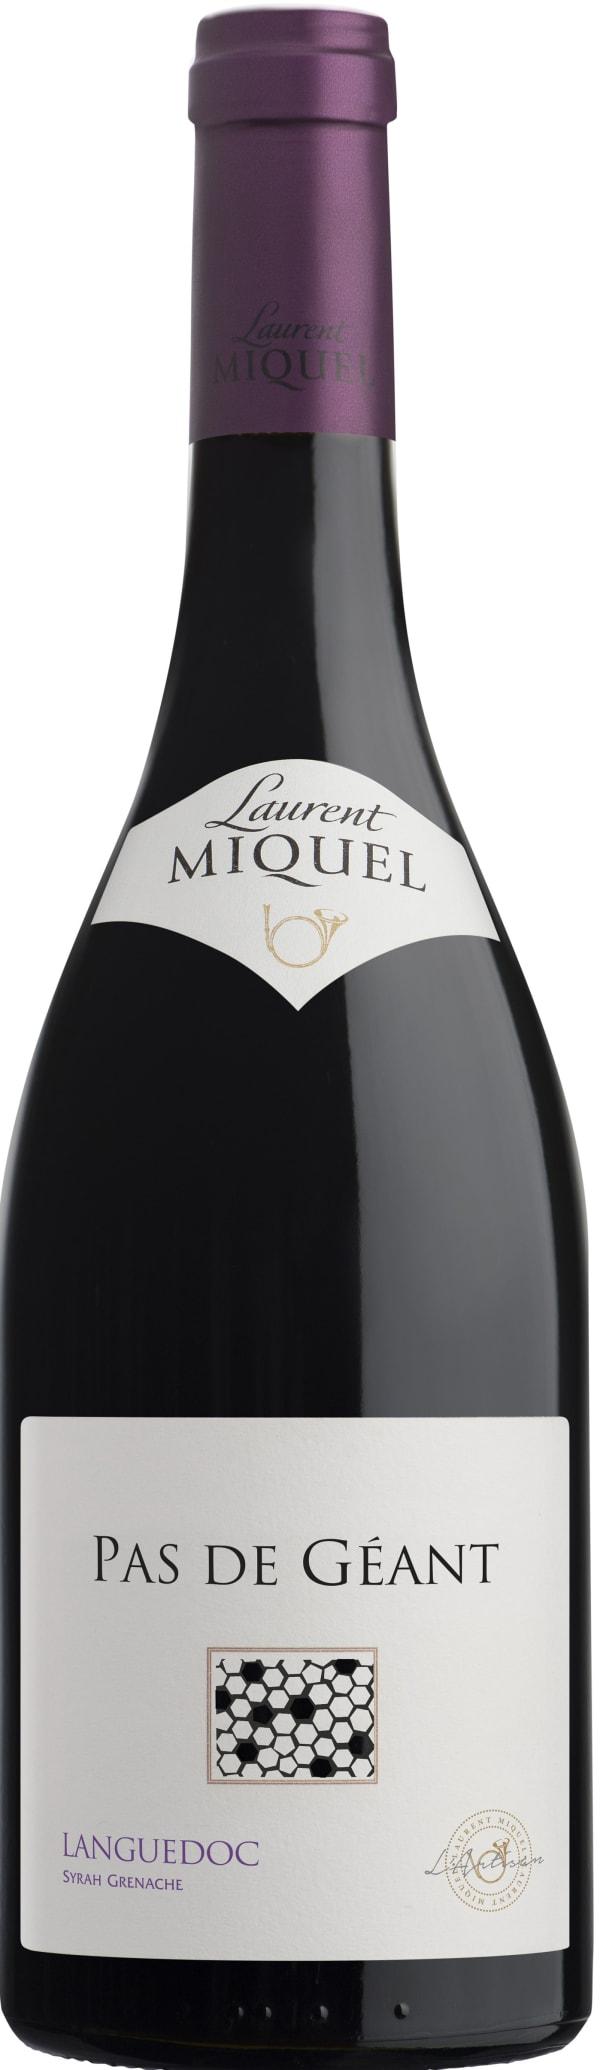 Laurent Miquel Pas de Géant Languedoc 2016